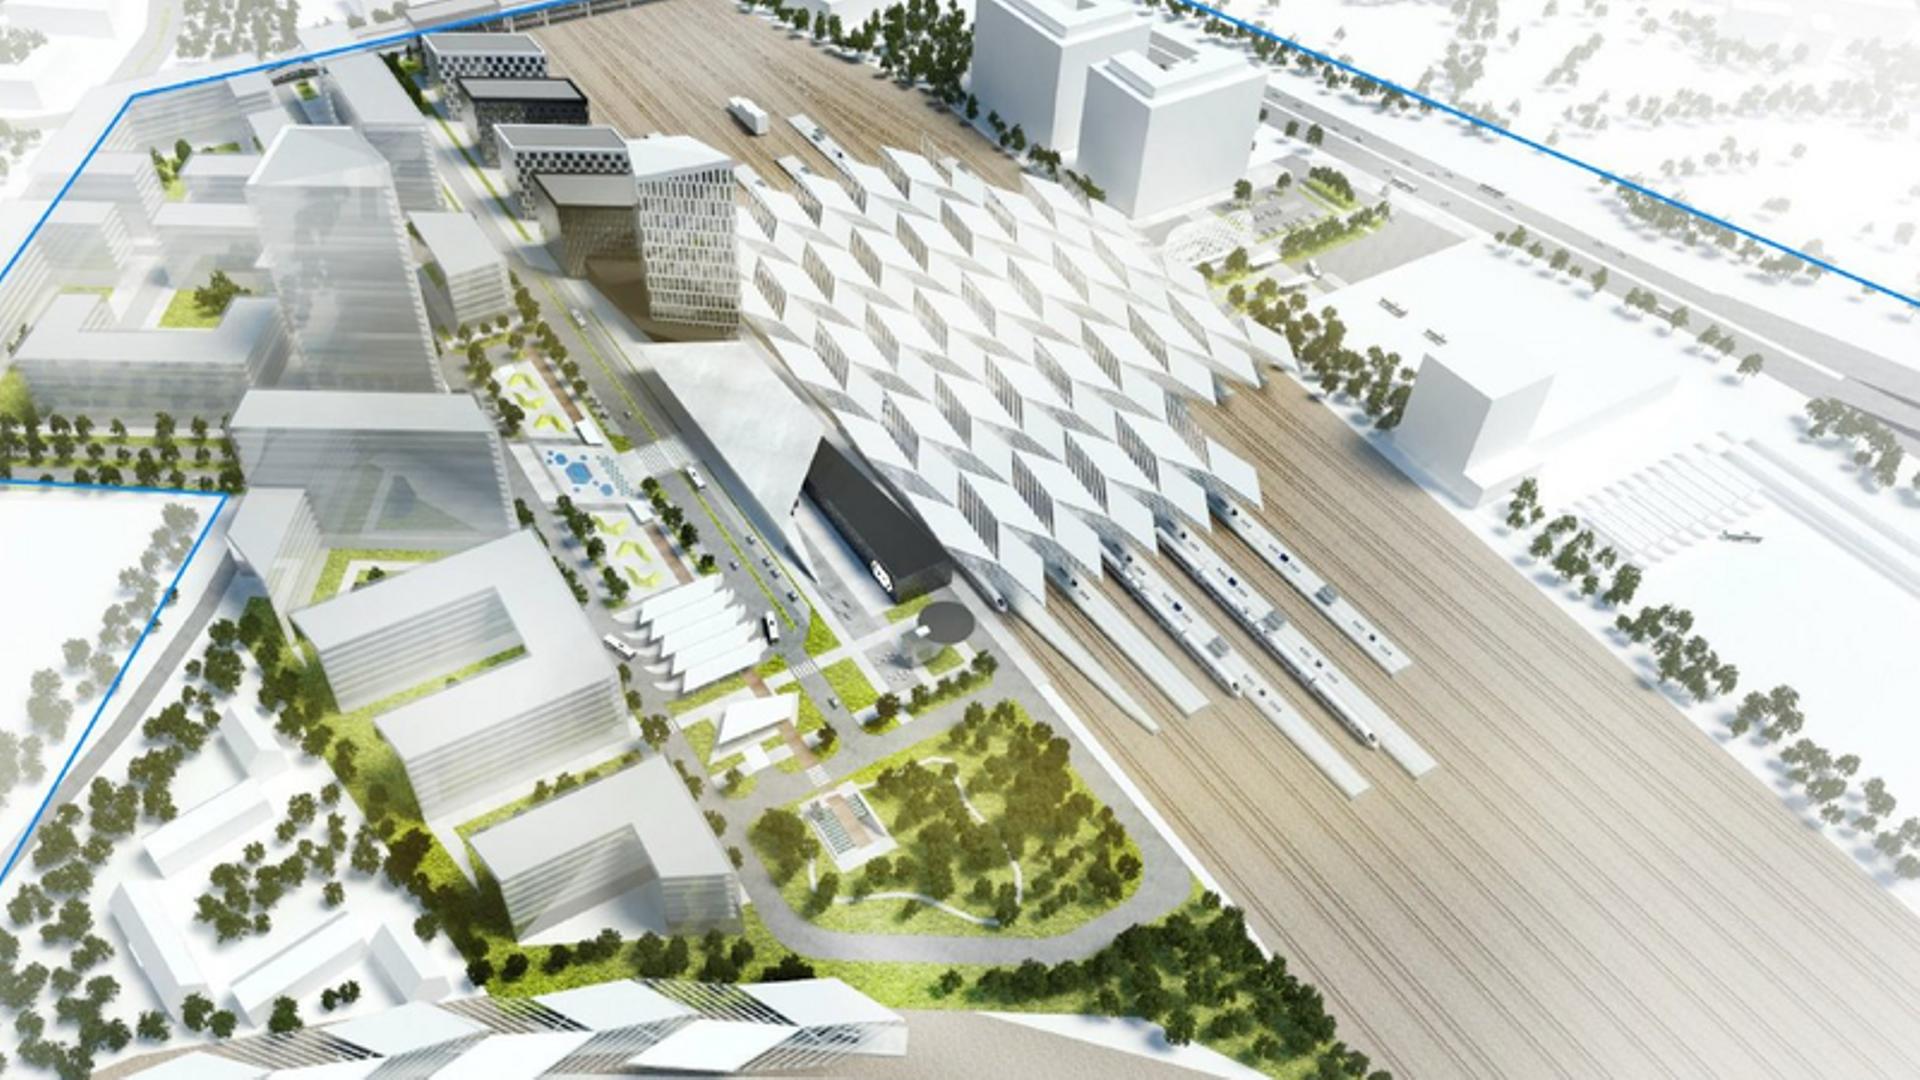 Kolejny etap prac przy budowie nowej stacji Warszawa Zachodnia rozpocznie się 26 marca [FILM]